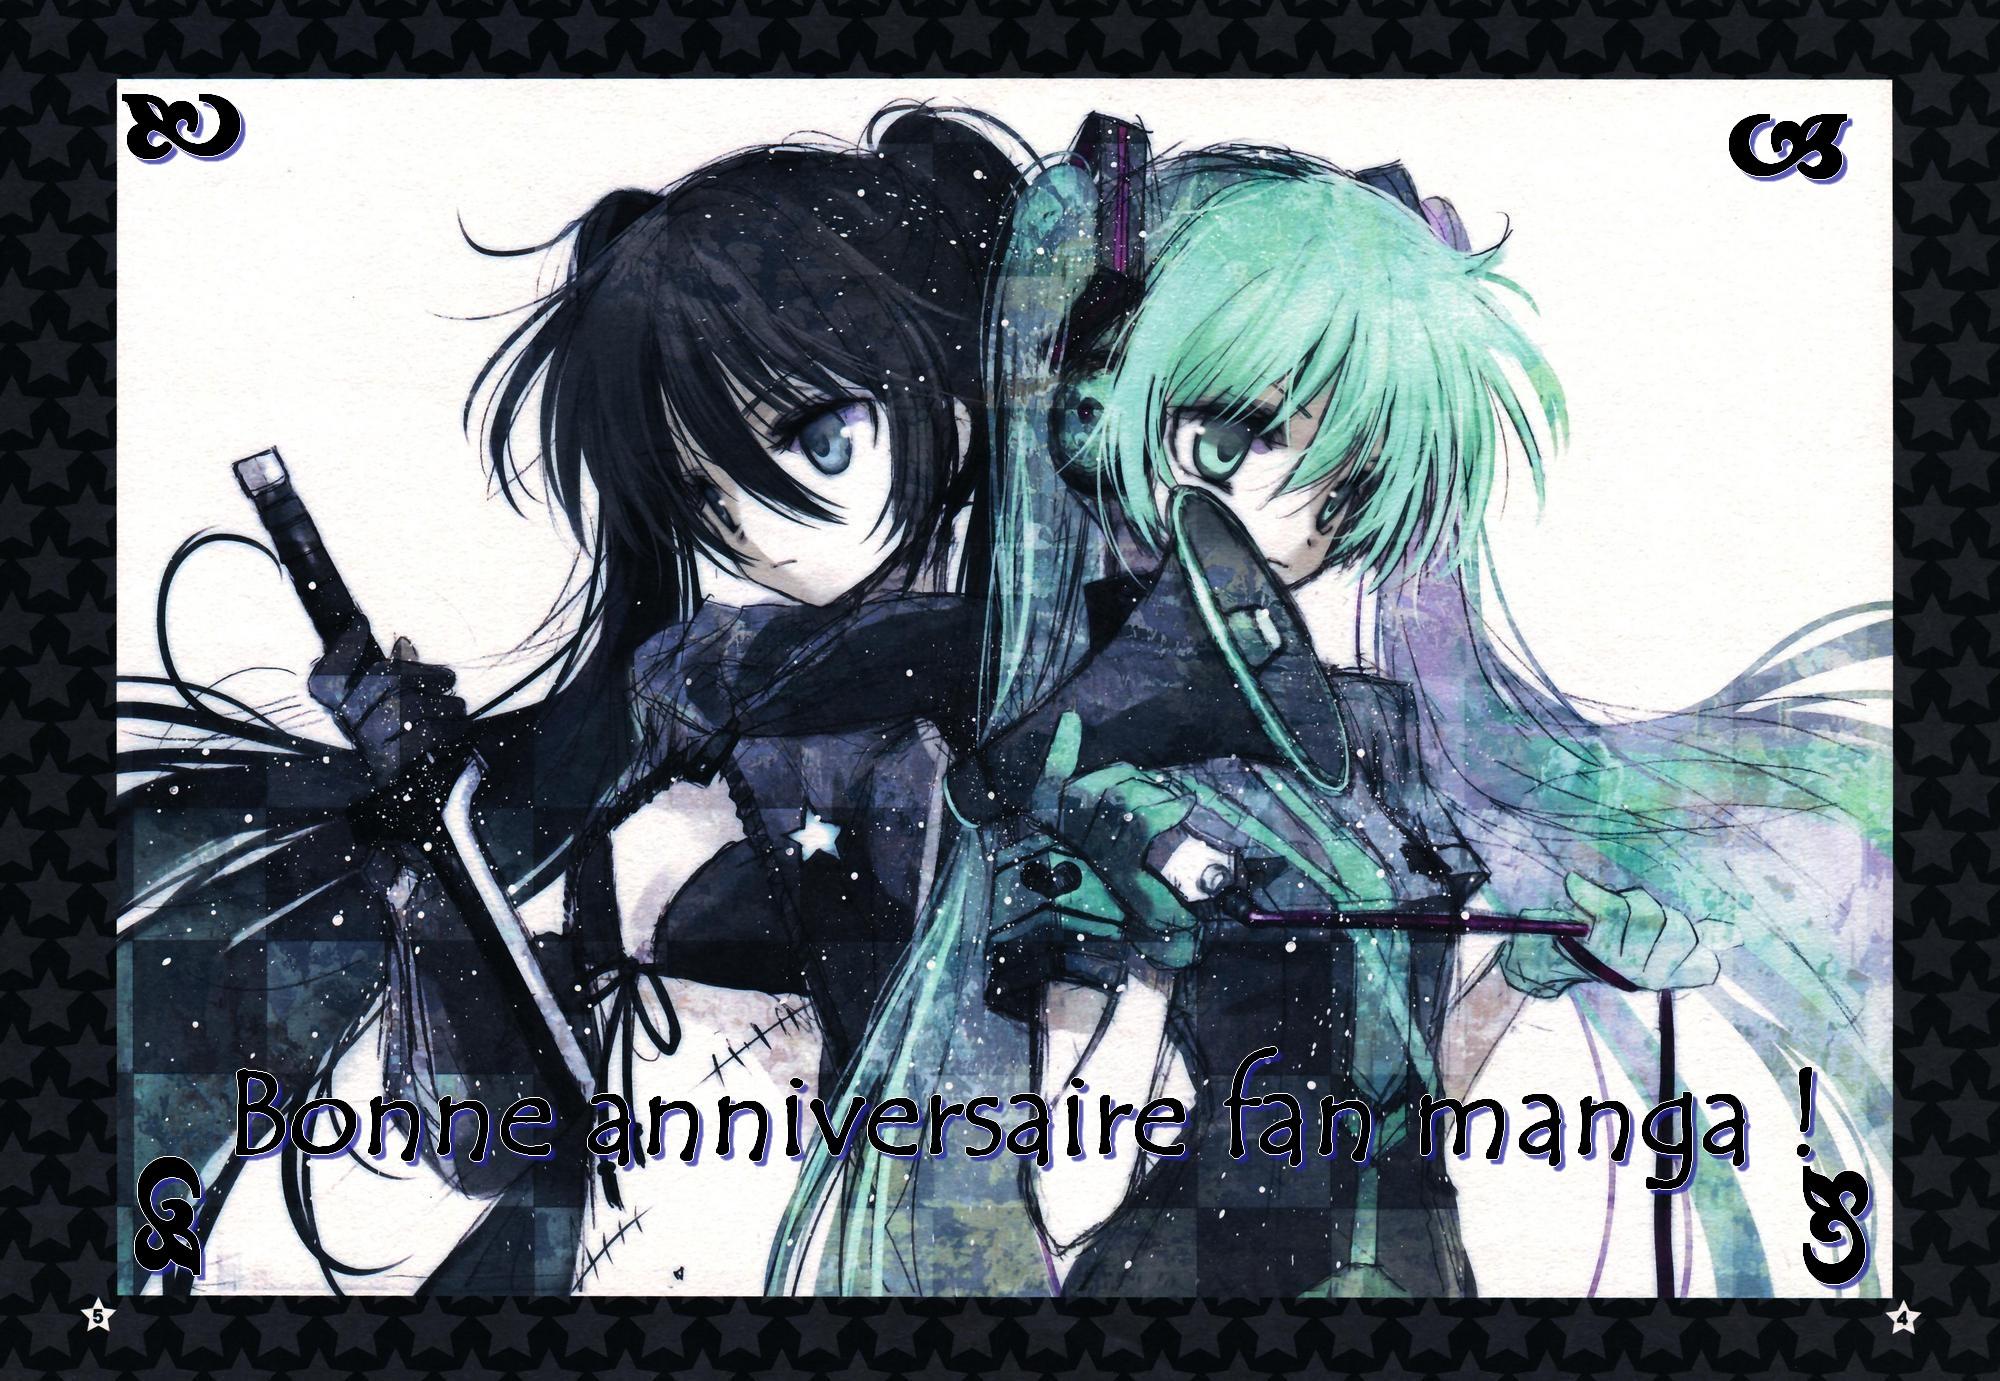 Cadeaux d'anniversaire de fan manga